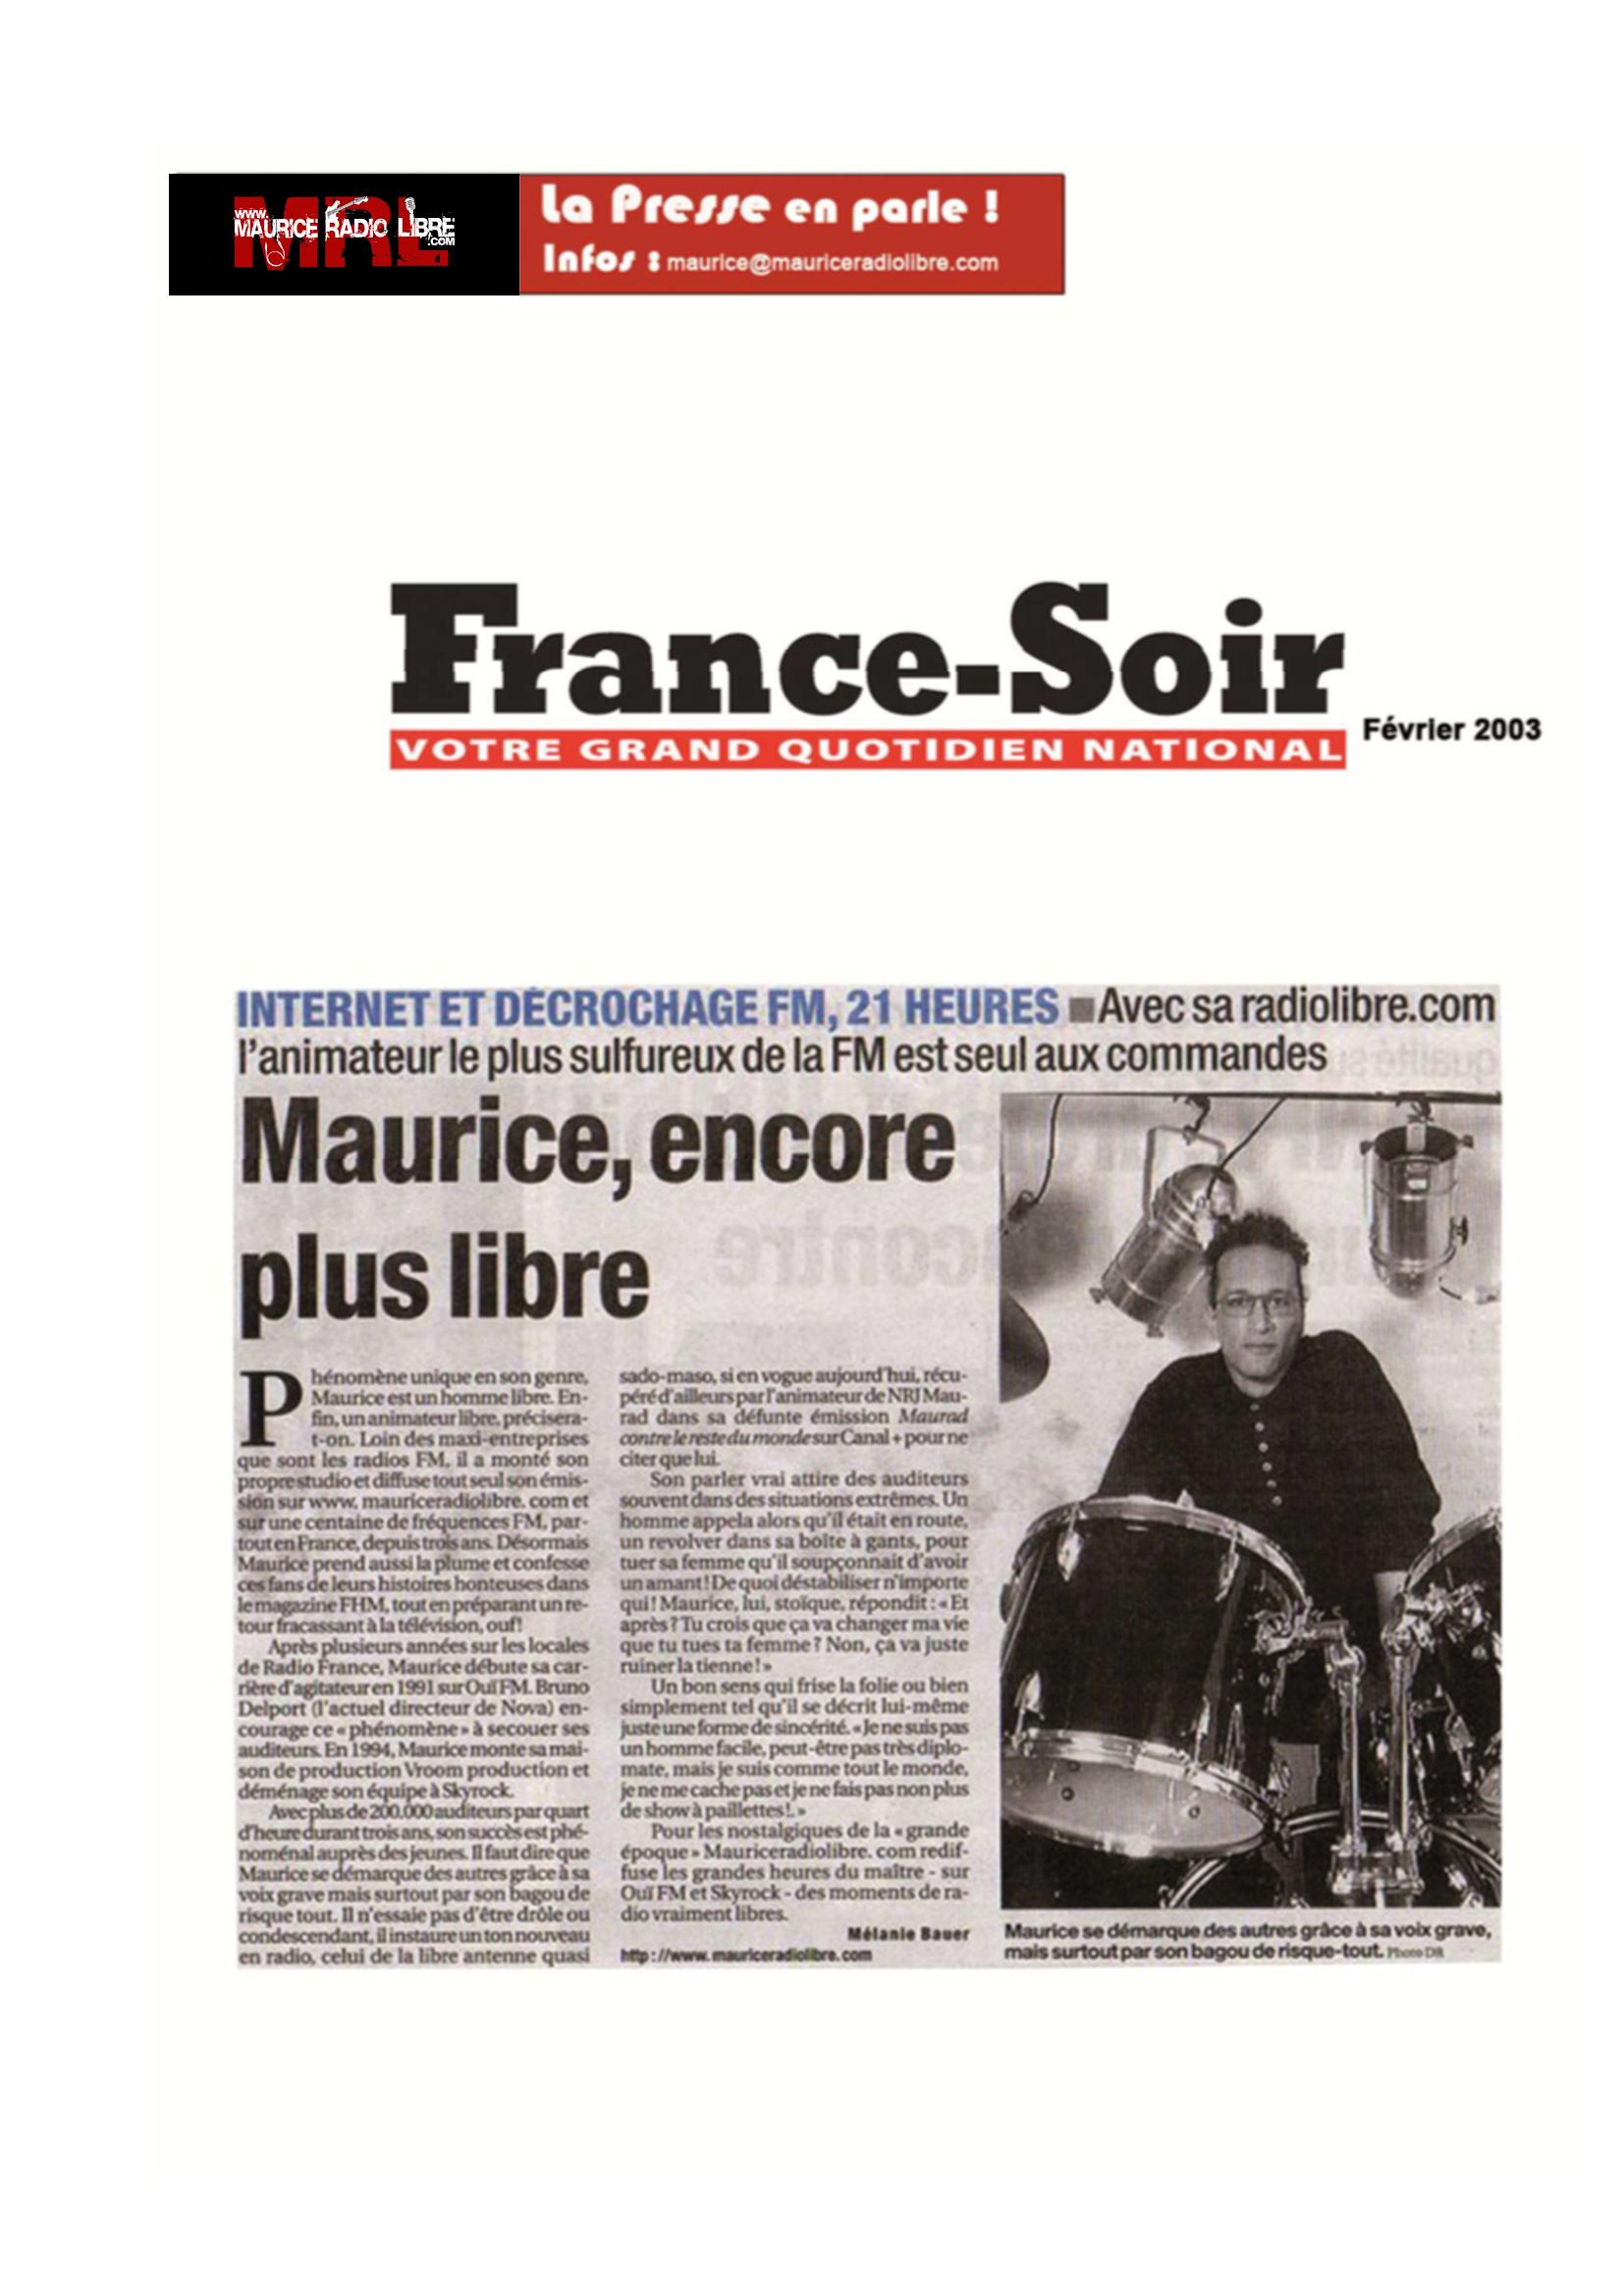 vignette France Soir Maurice, encore plus libre - Février 2003